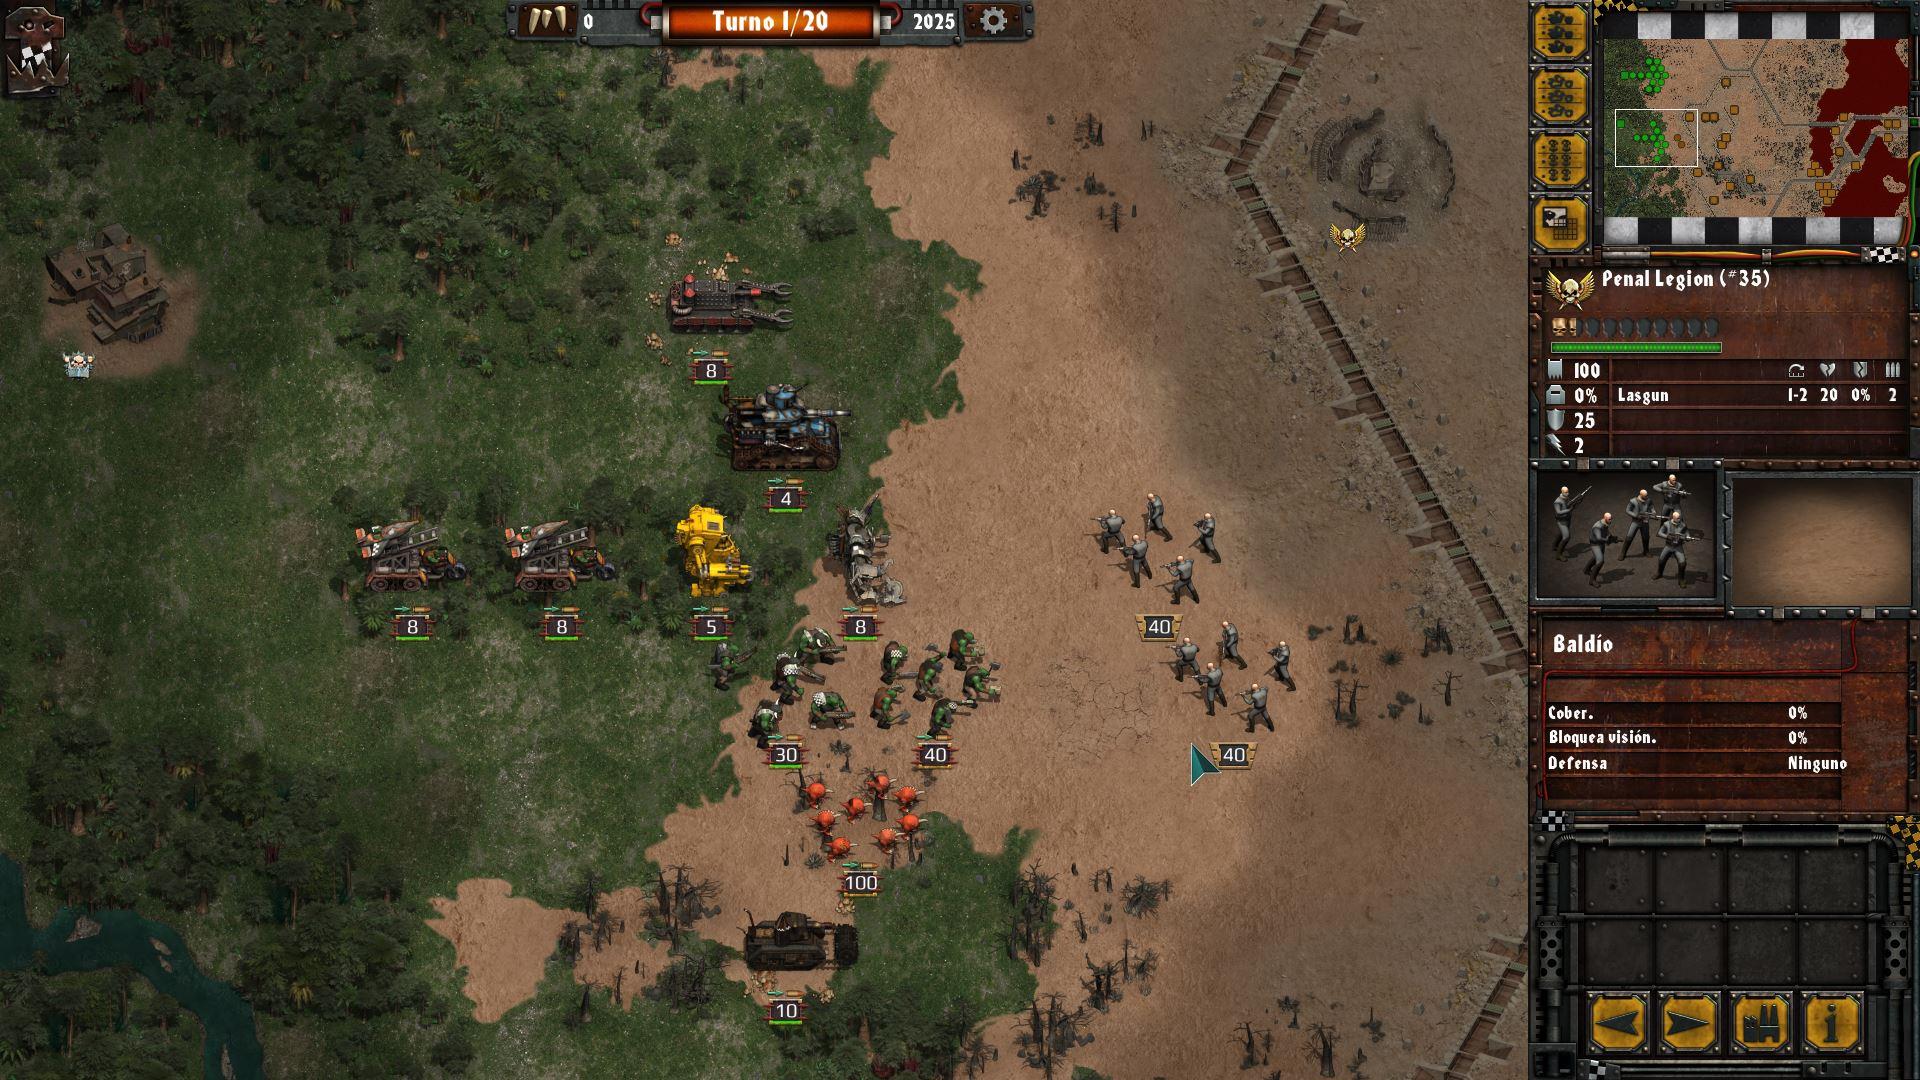 2016-10-23-19_10_07-warhammer-40000-armageddon_-da-orks